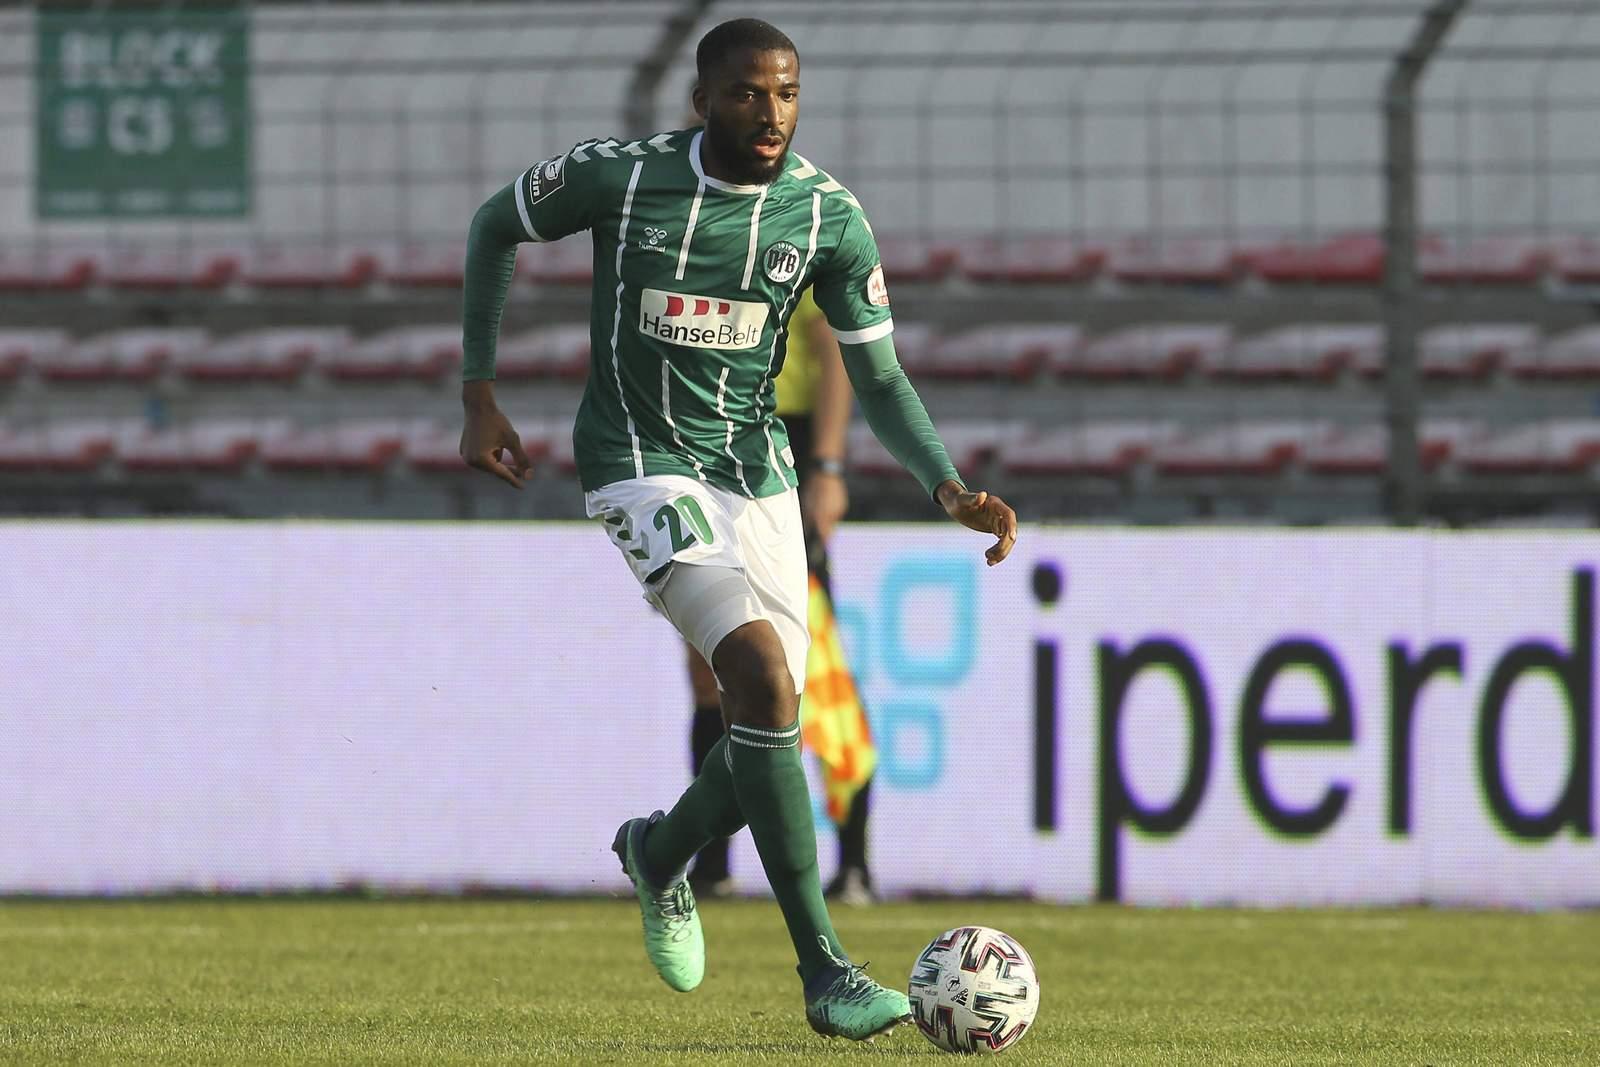 Osarenren Okungbowa vom VfB Lübeck